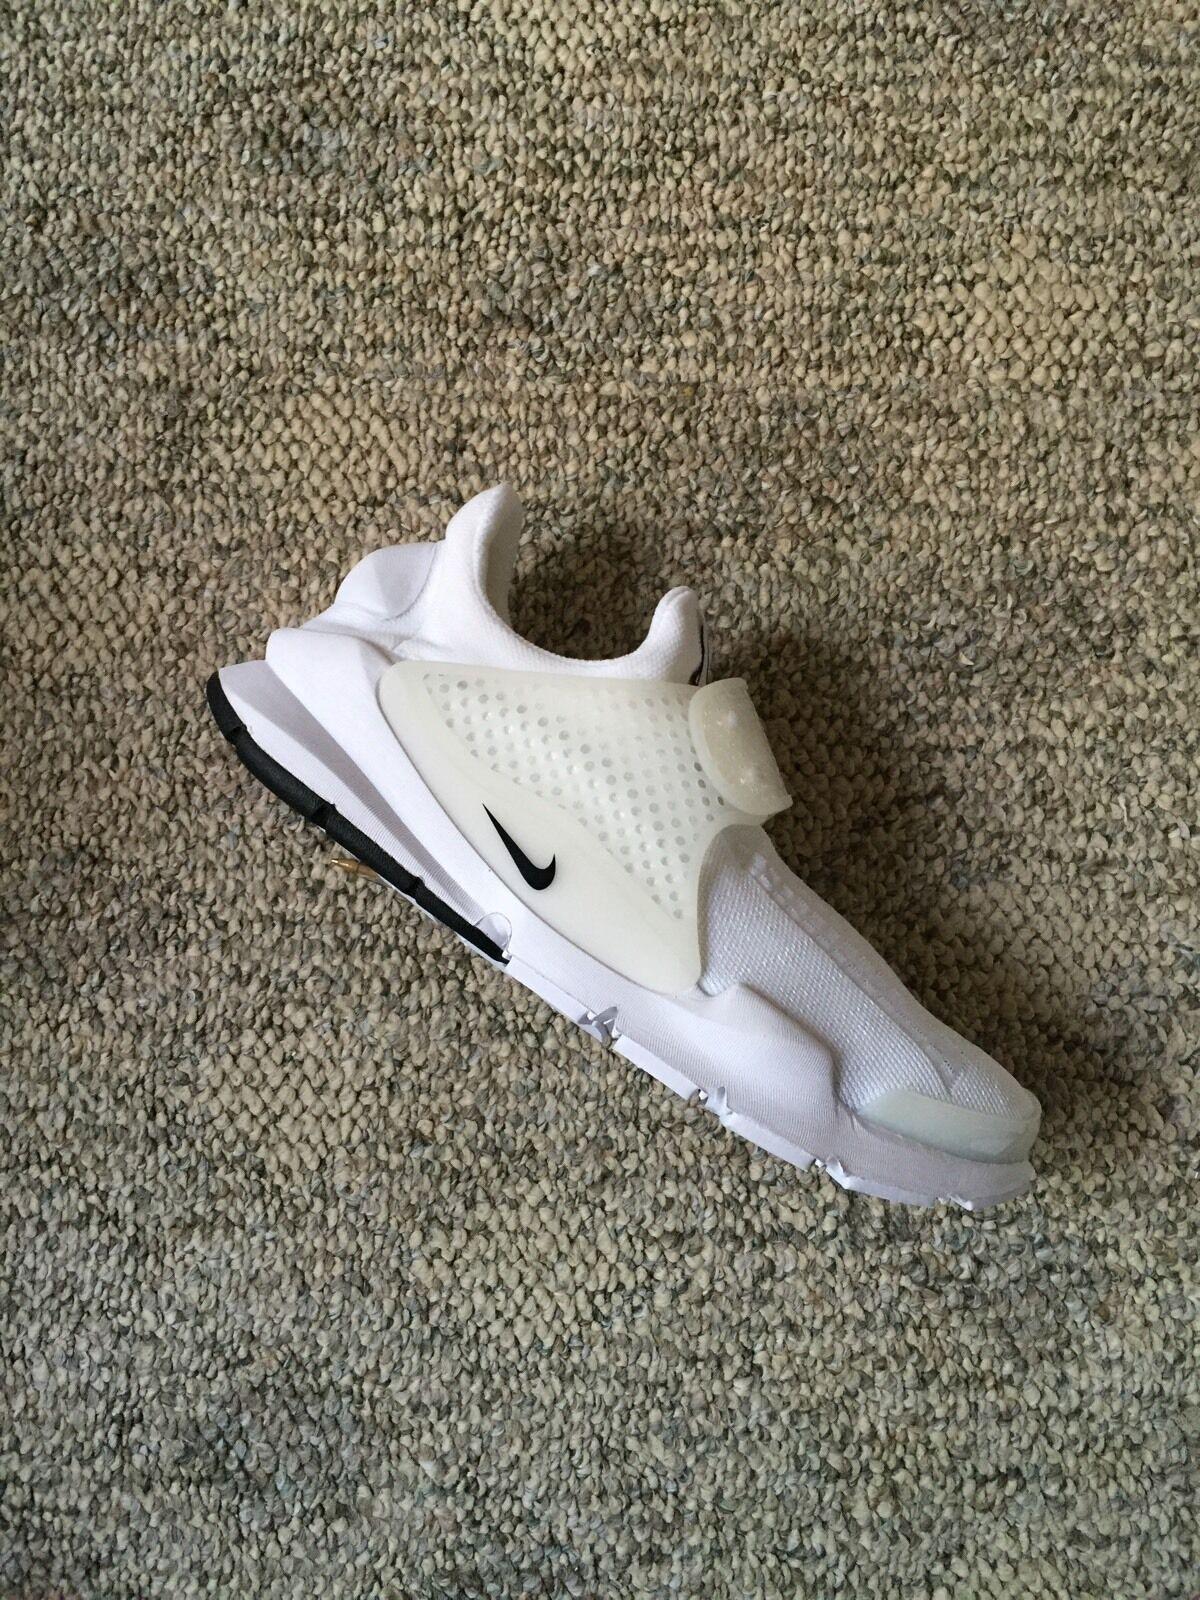 NIKE DART calcetines SP Independence Day Pack calcetines DART blanco nosotros comodo baratos zapatos de mujer zapatos de mujer 98a1ee